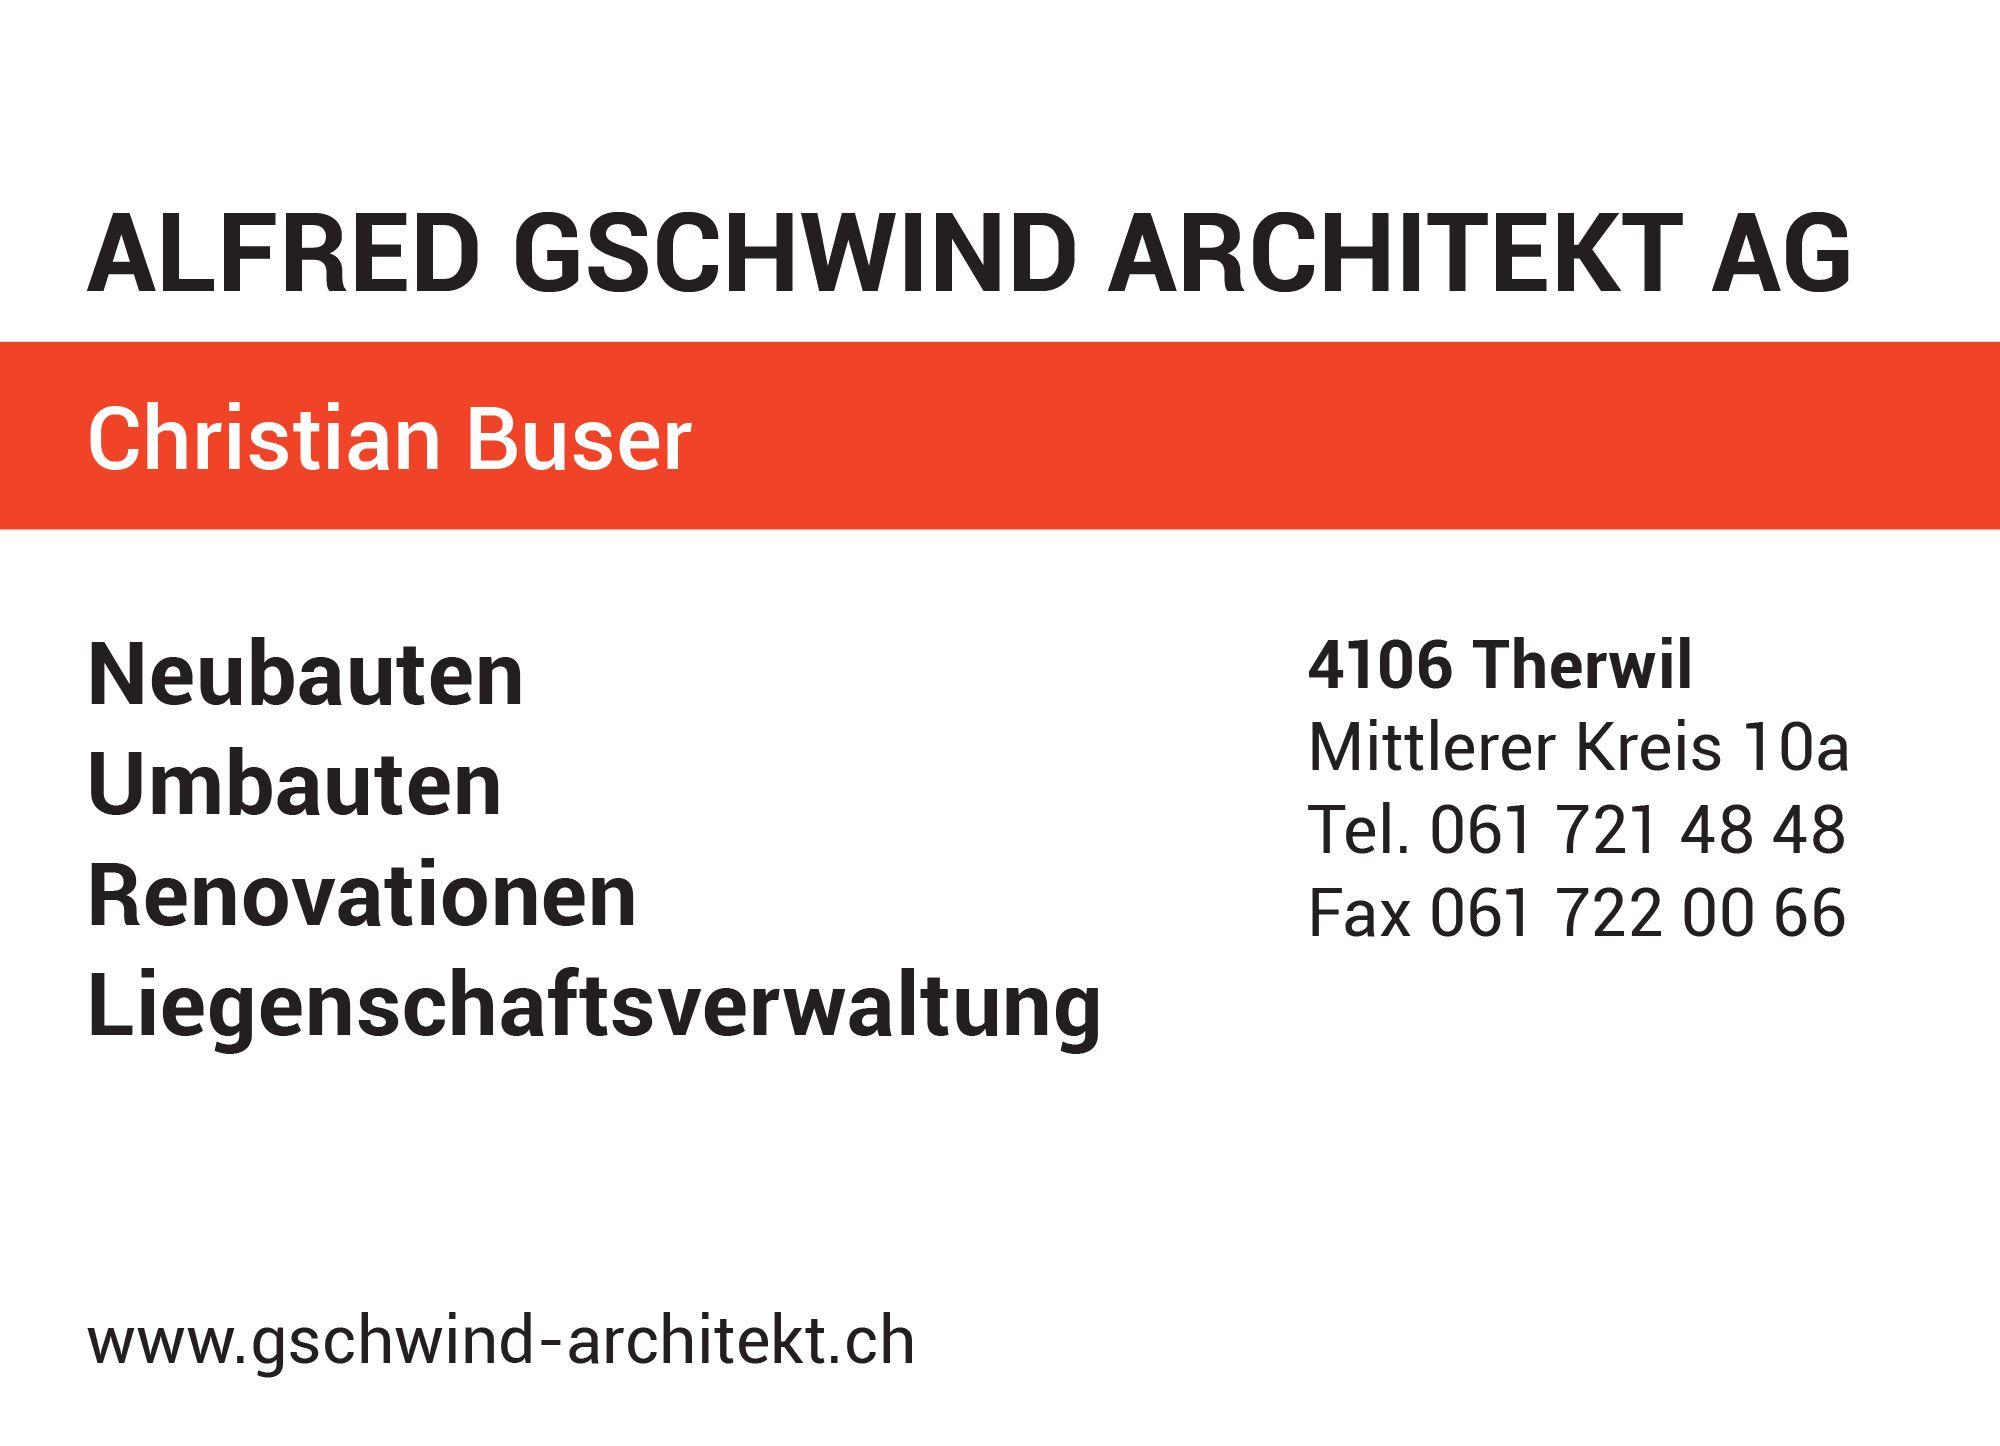 Gschwind Alfred Architekt AG